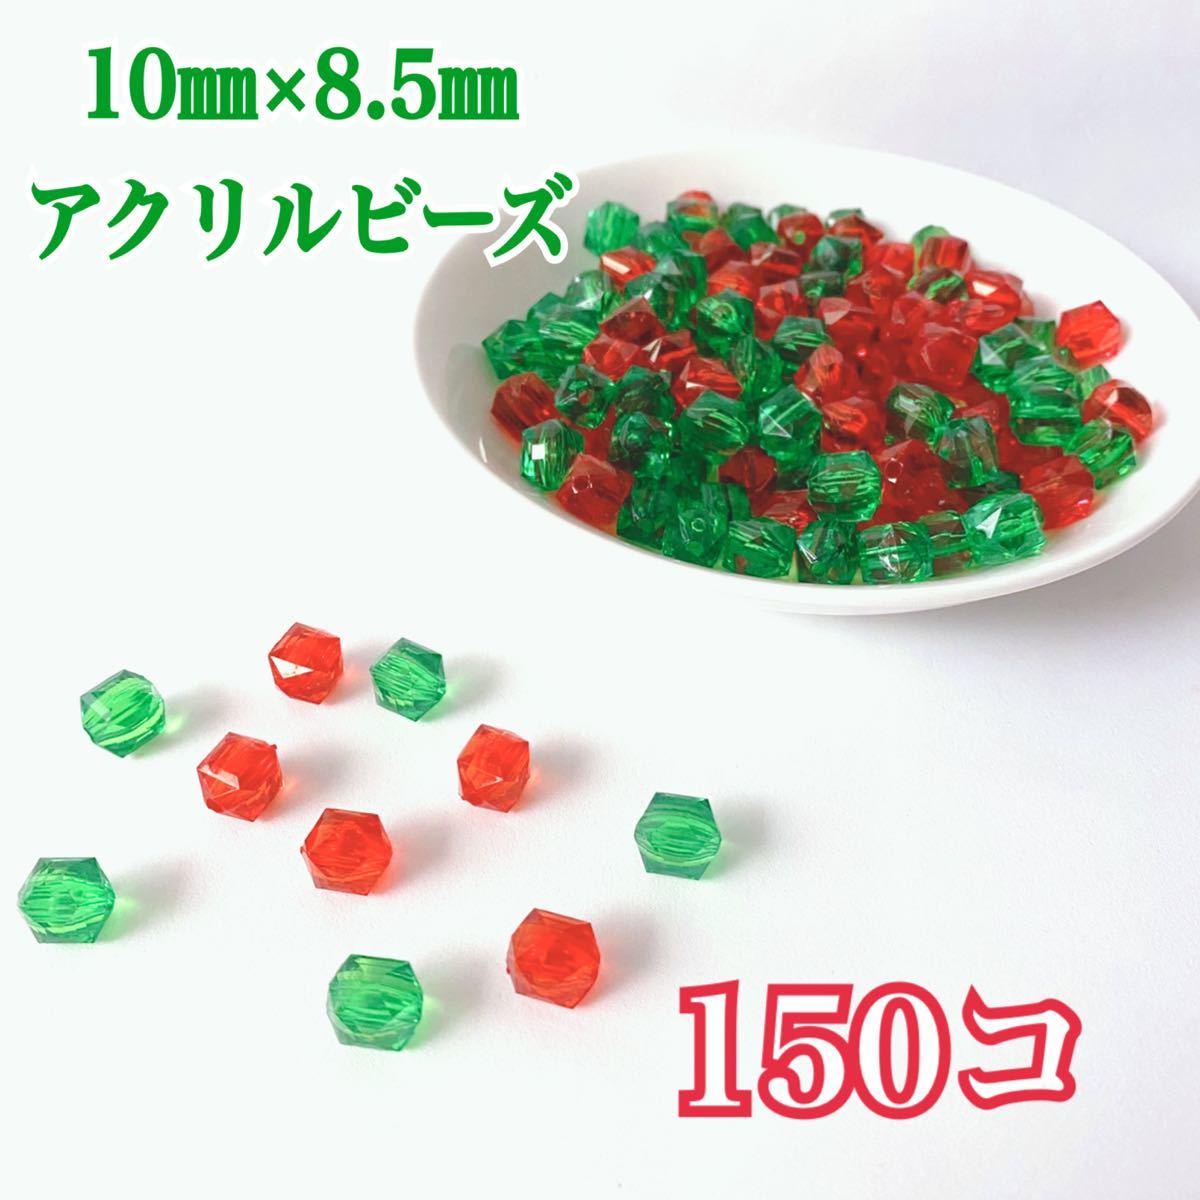 【ビーズパーツ】10mm×8.5mmアクリルビーズ(Xmasカラー)150コ